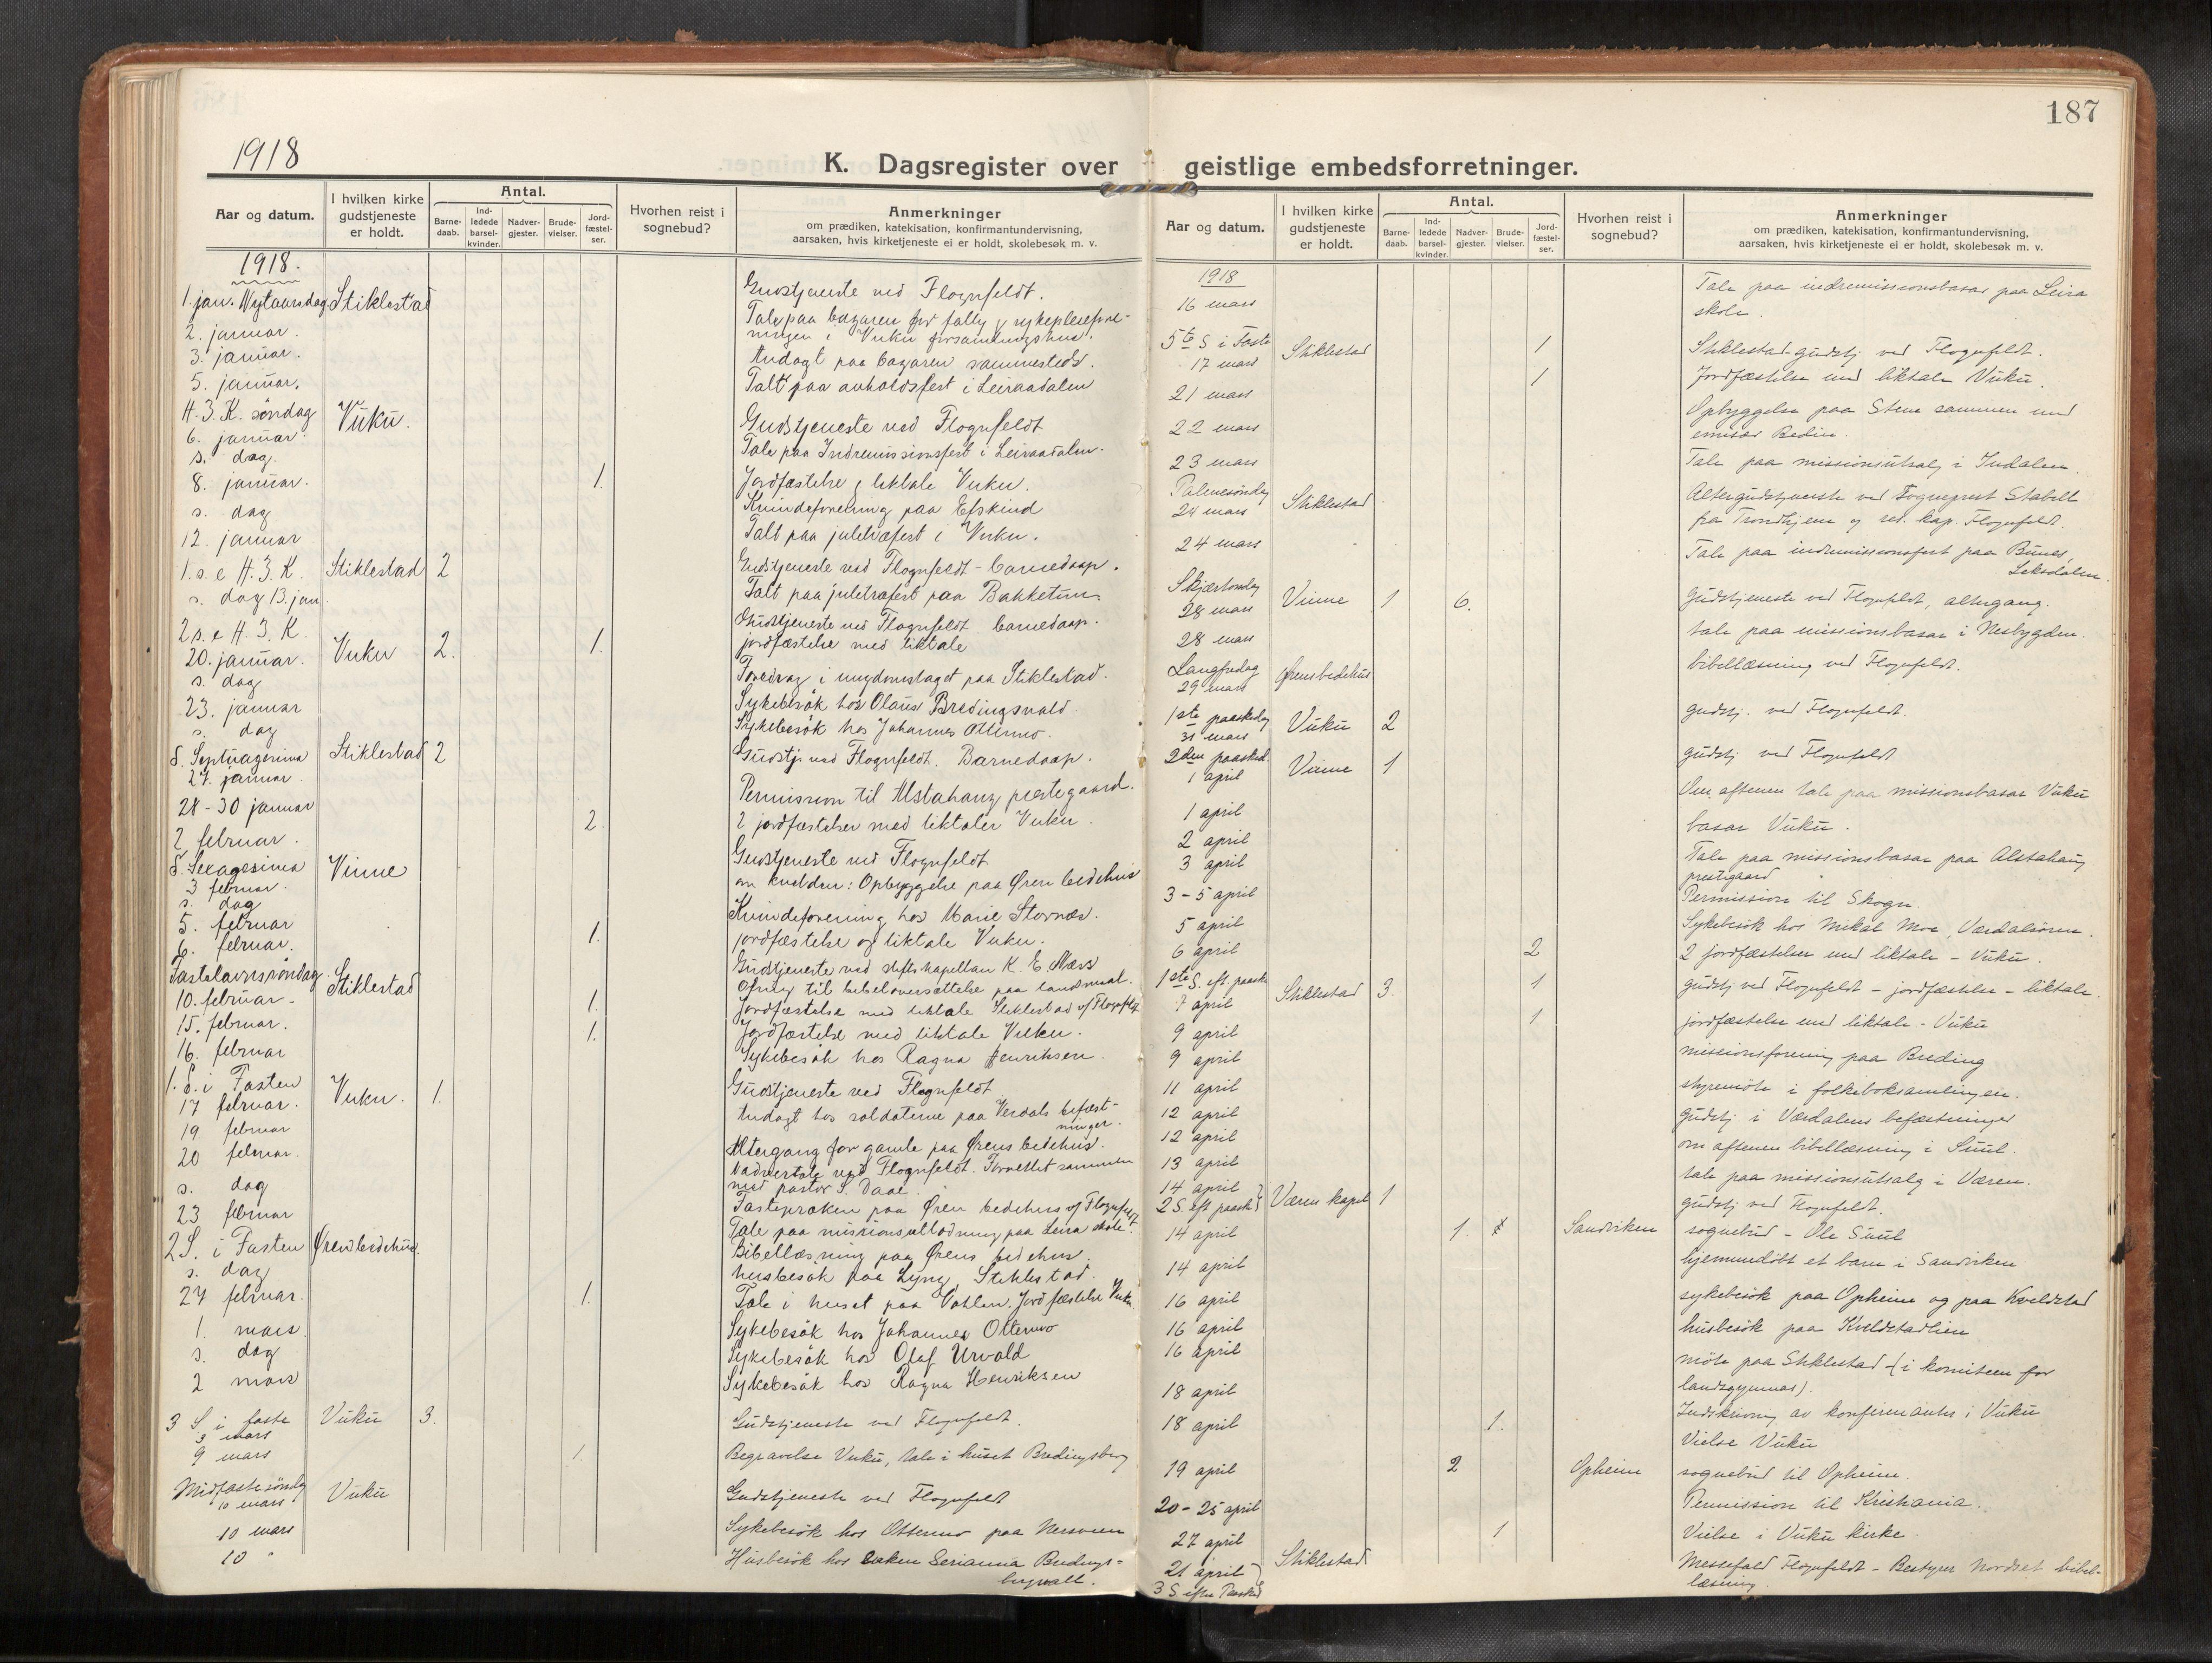 SAT, Verdal sokneprestkontor*, Parish register (official) no. 1, 1916-1928, p. 187